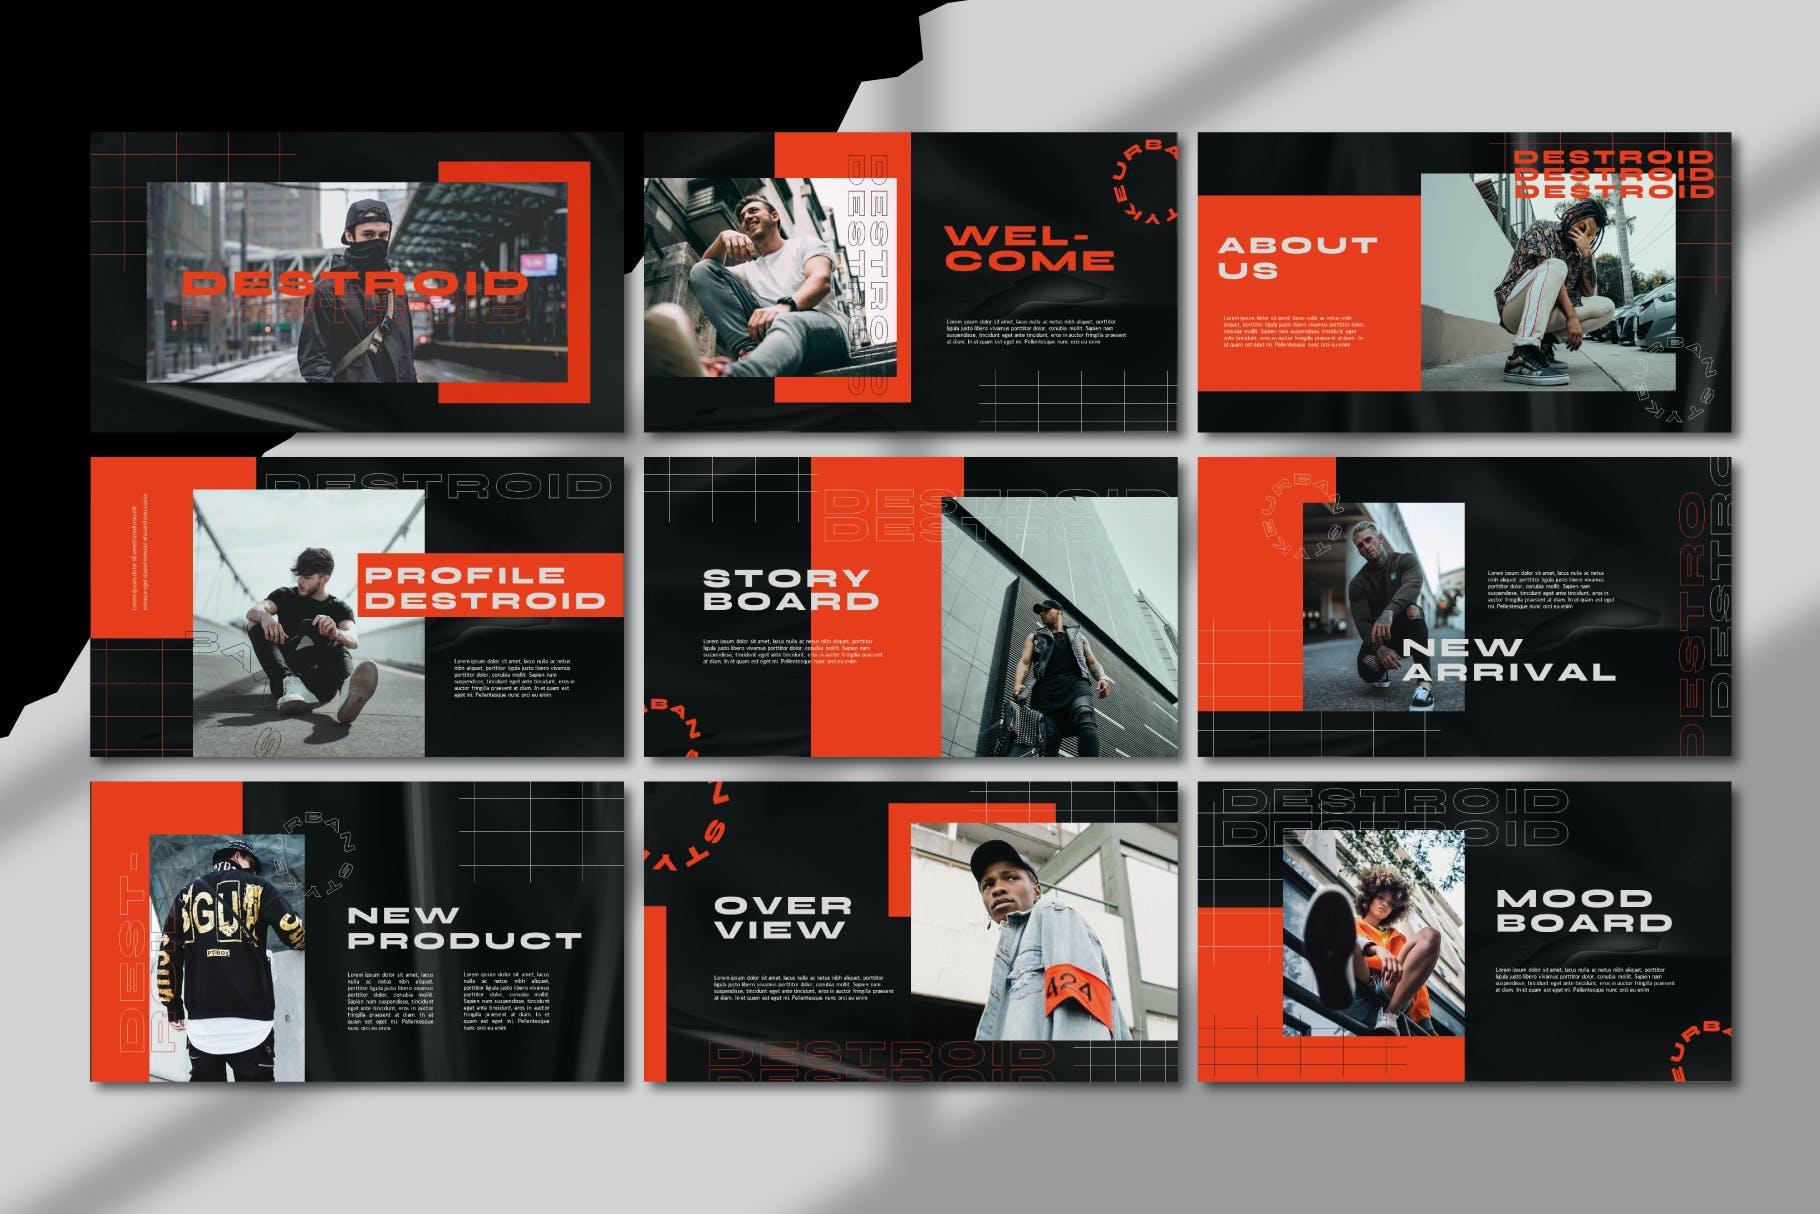 潮流街头潮牌服装推广PPT幻灯片设计模板 Destroid – Keynote Template插图3